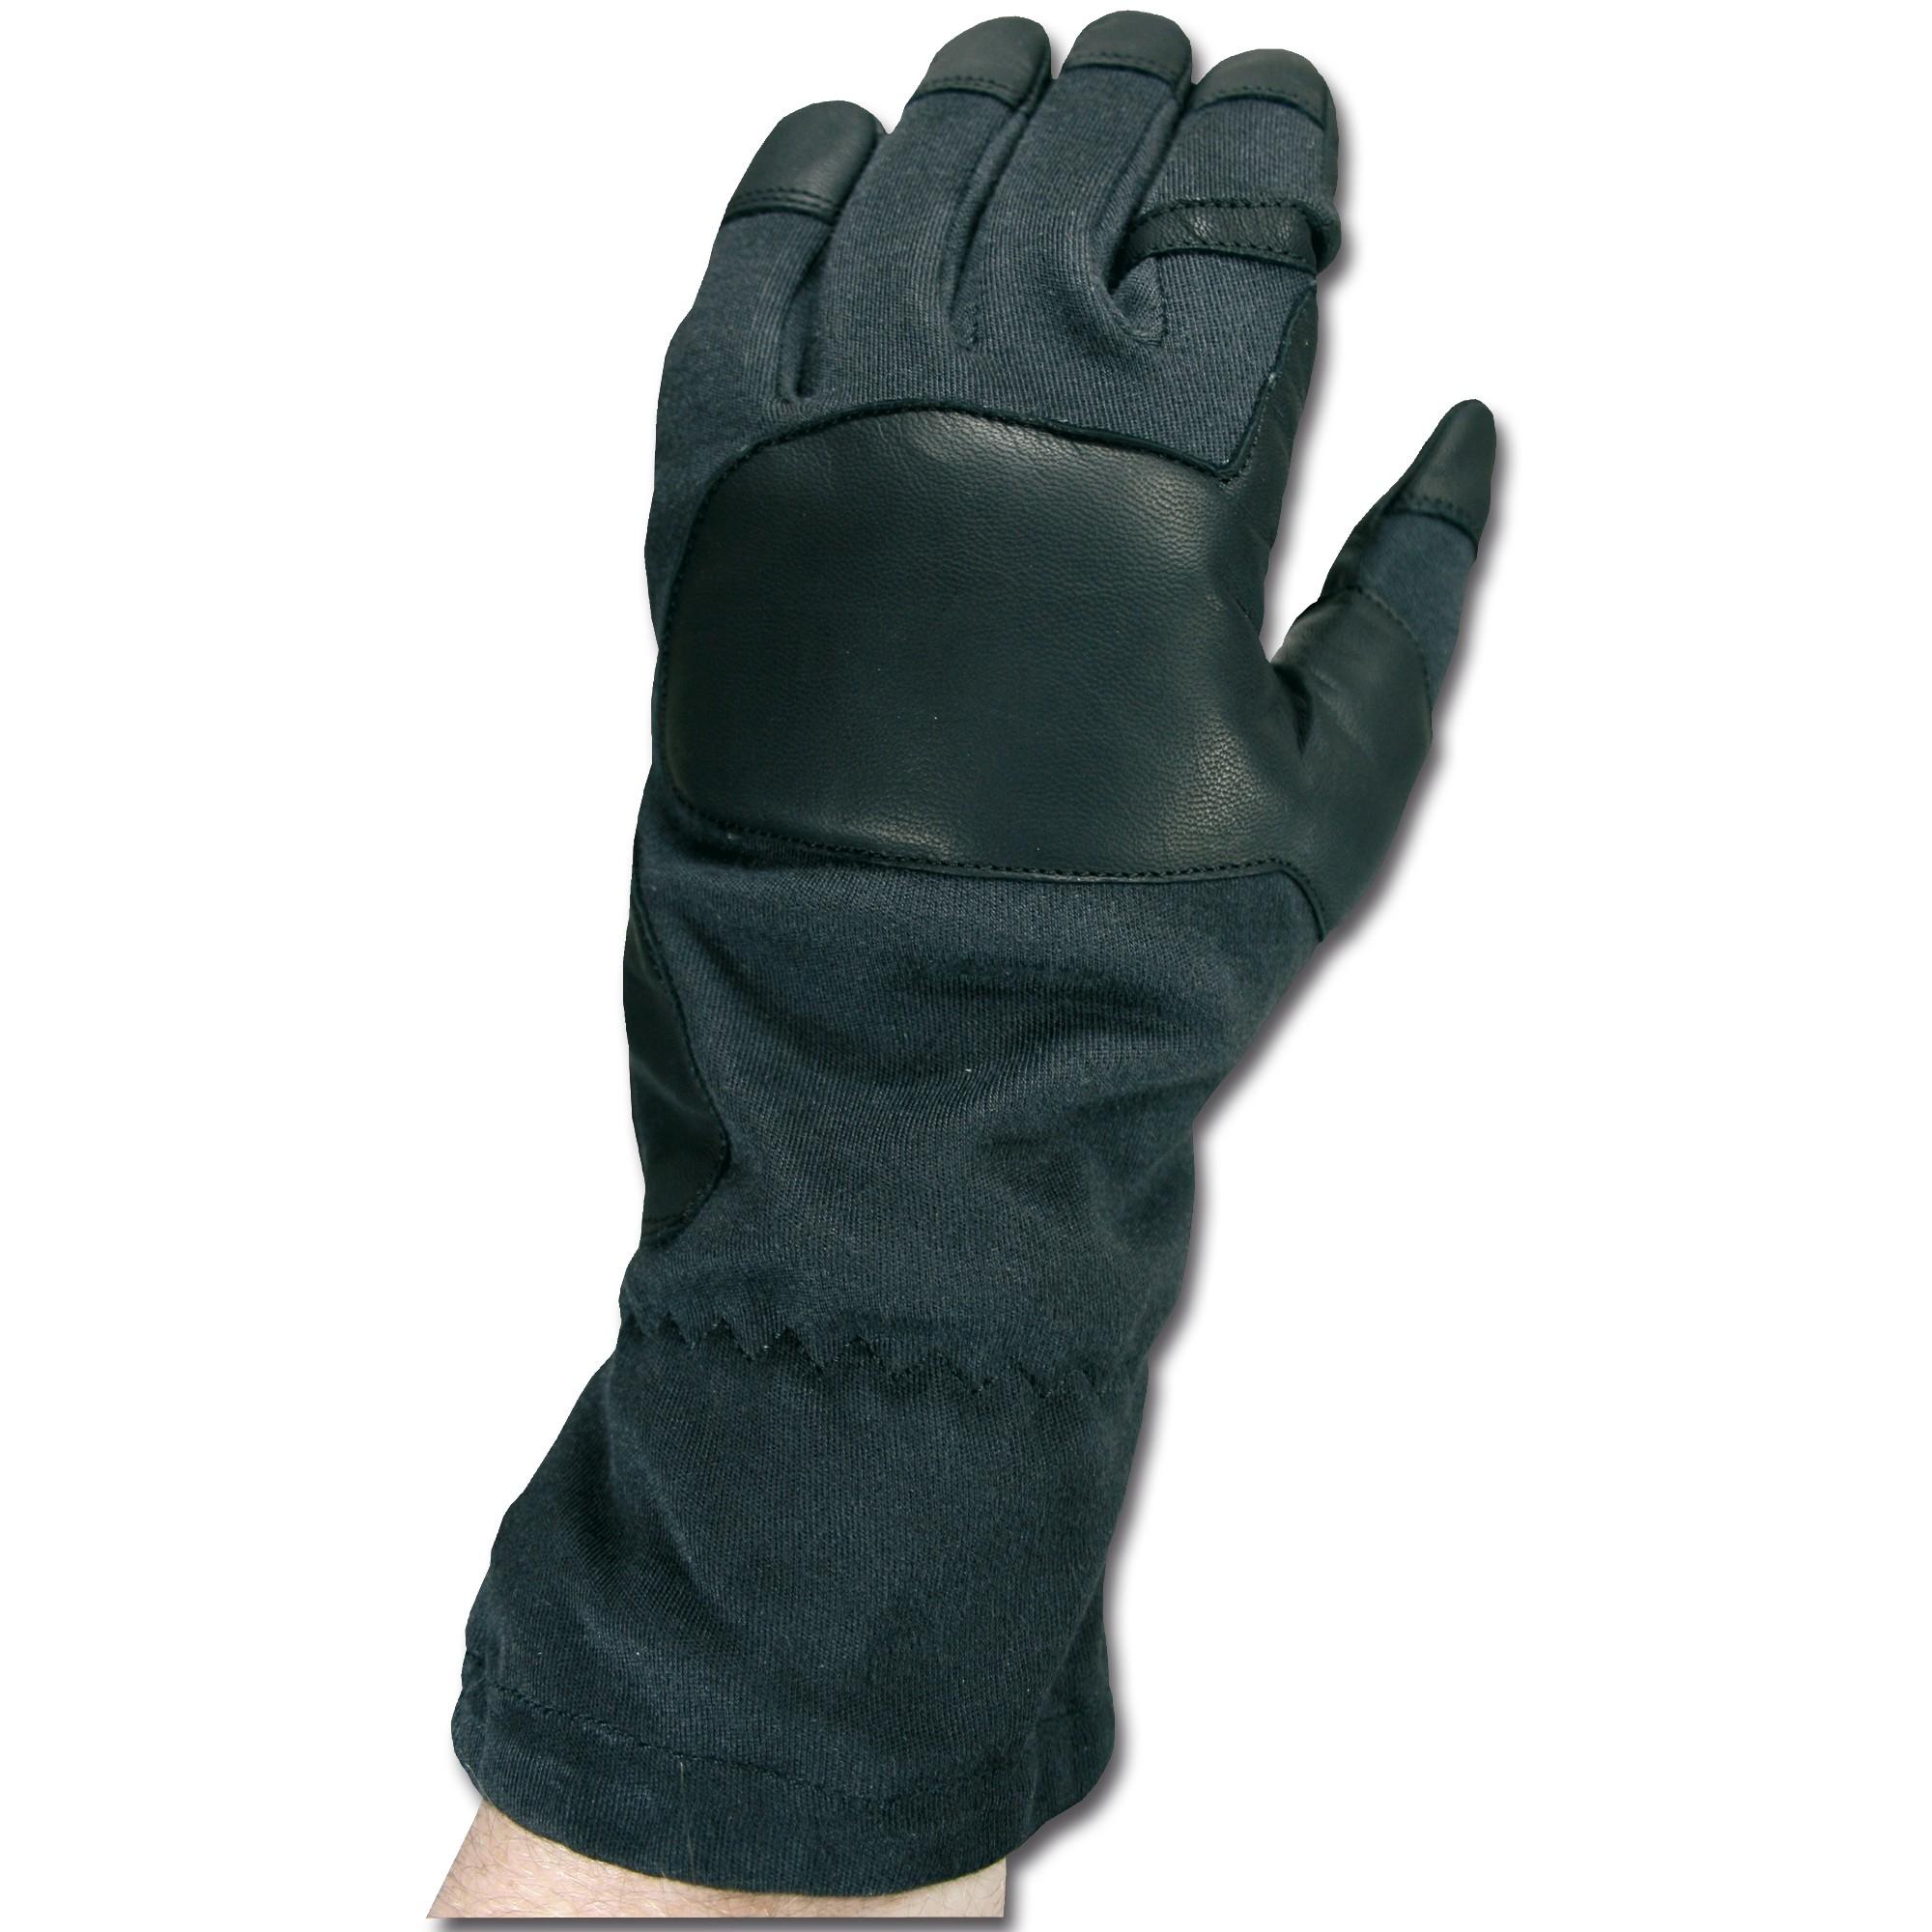 Handschuhe Aramid Action Gloves schwarz